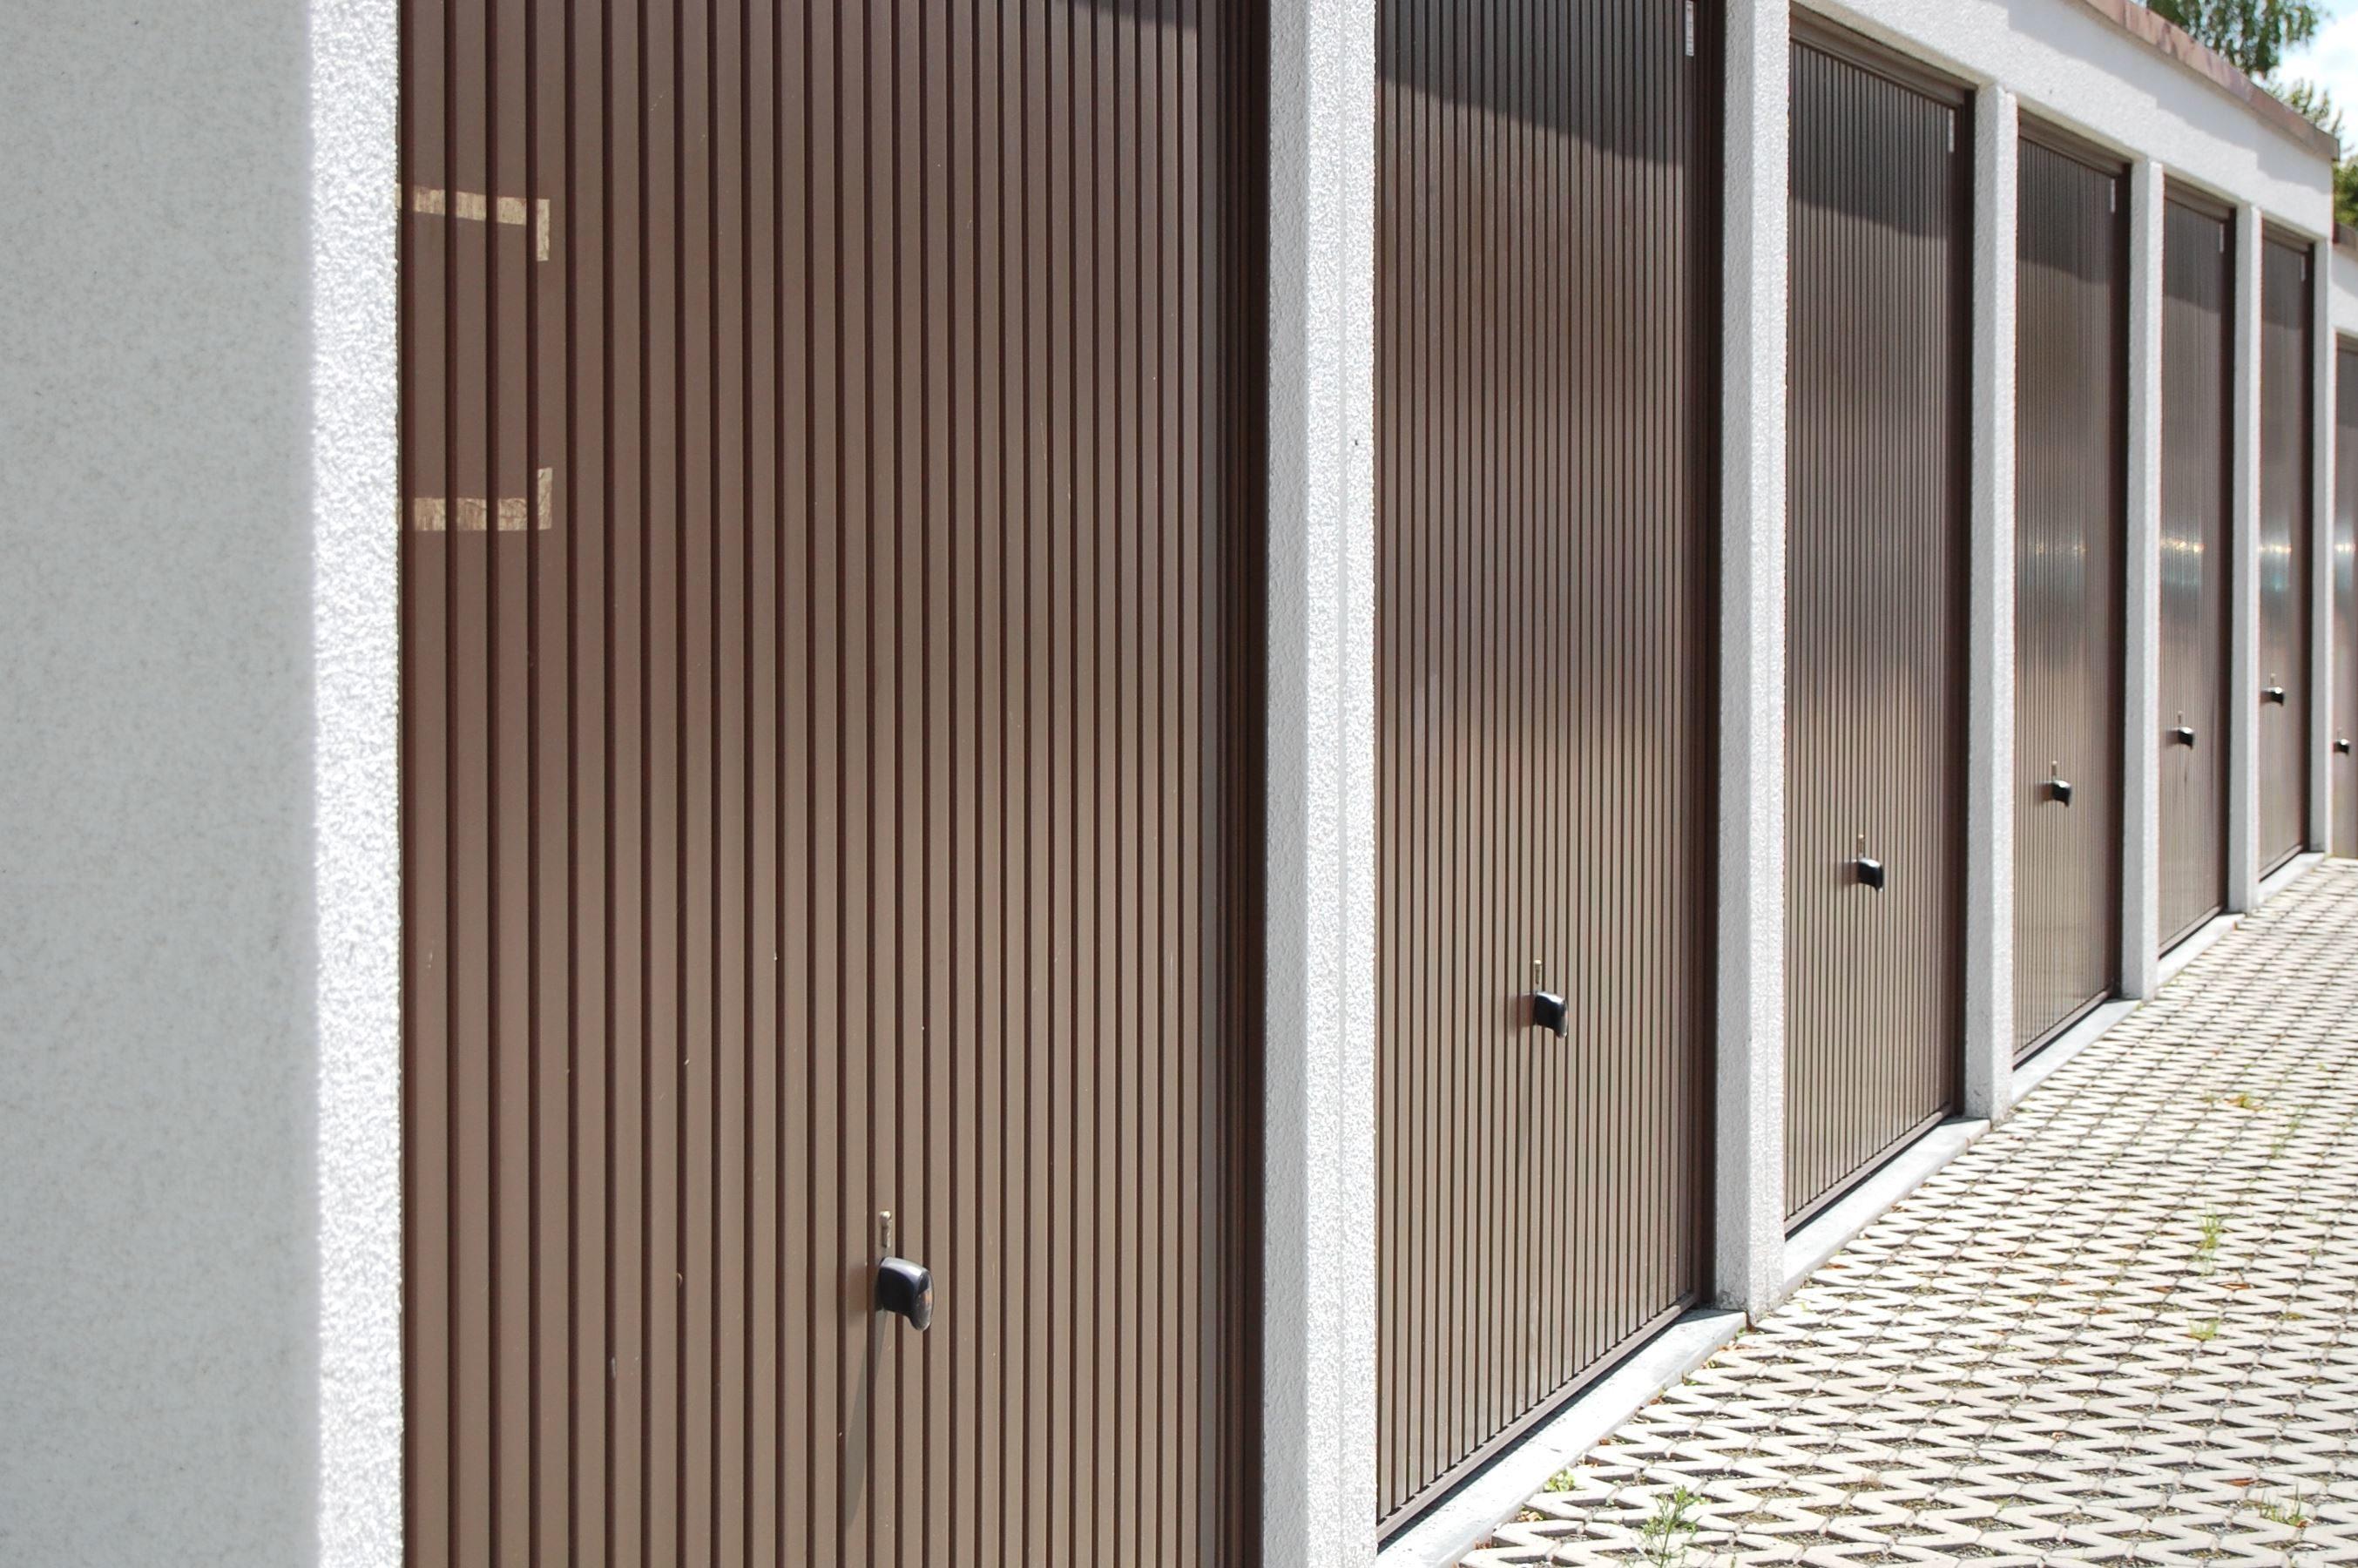 cloture metallique design top des cltures de jardin design pour dlimiter avec style with. Black Bedroom Furniture Sets. Home Design Ideas